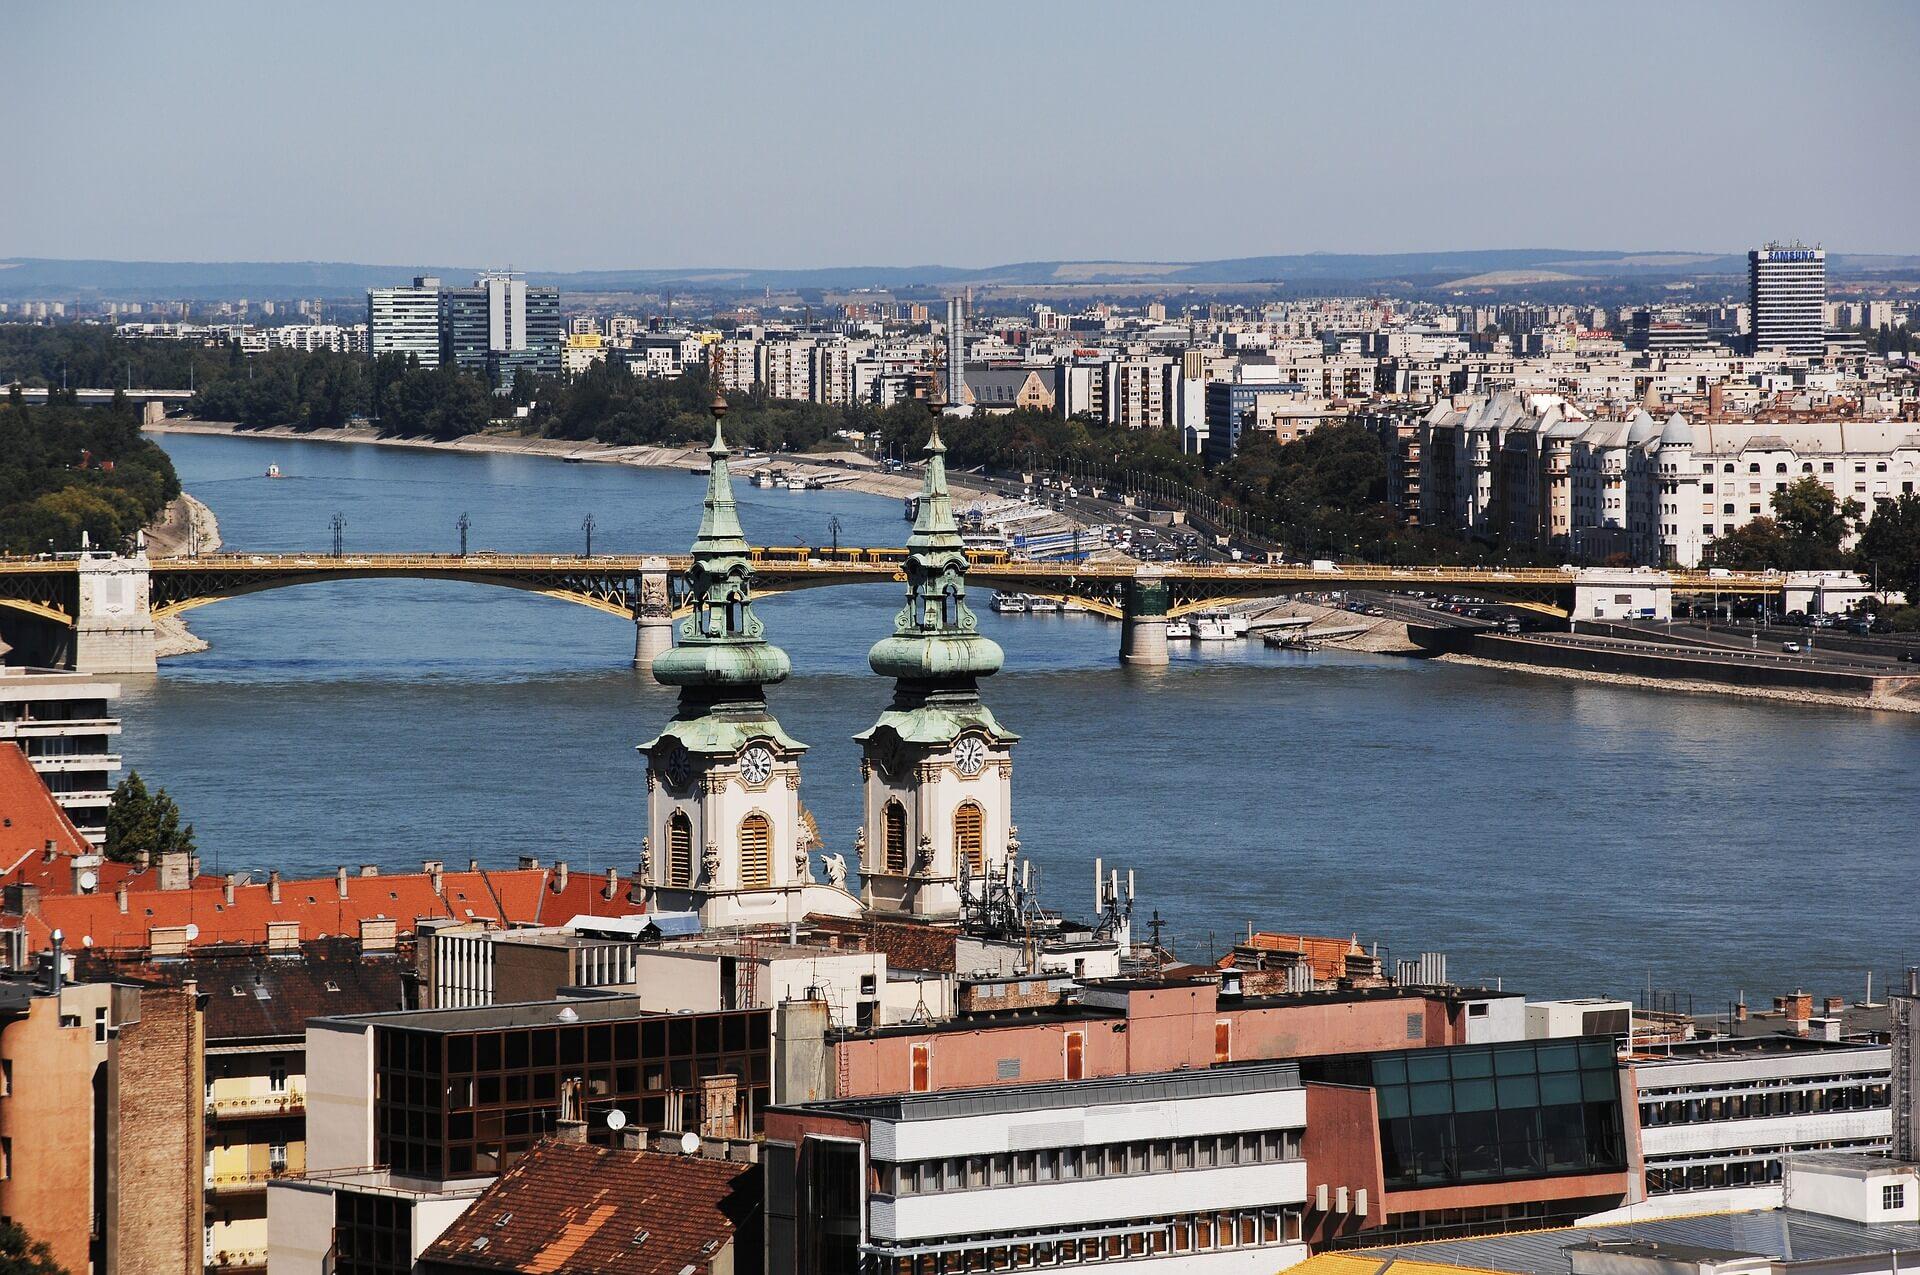 Direktflüge und Billigflüge nach Ungarn